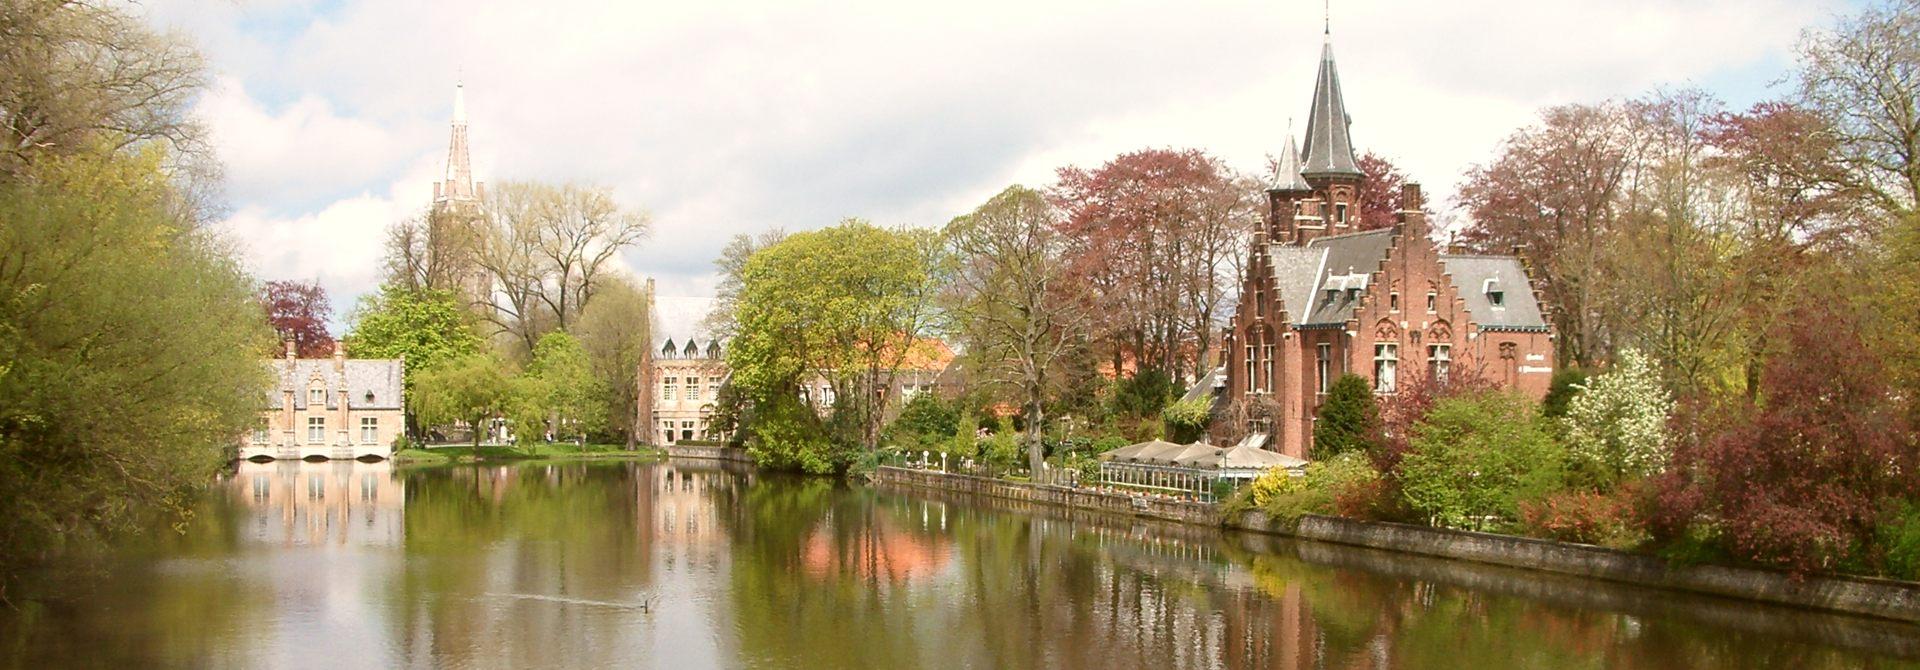 Bruges Lovers Lake Header